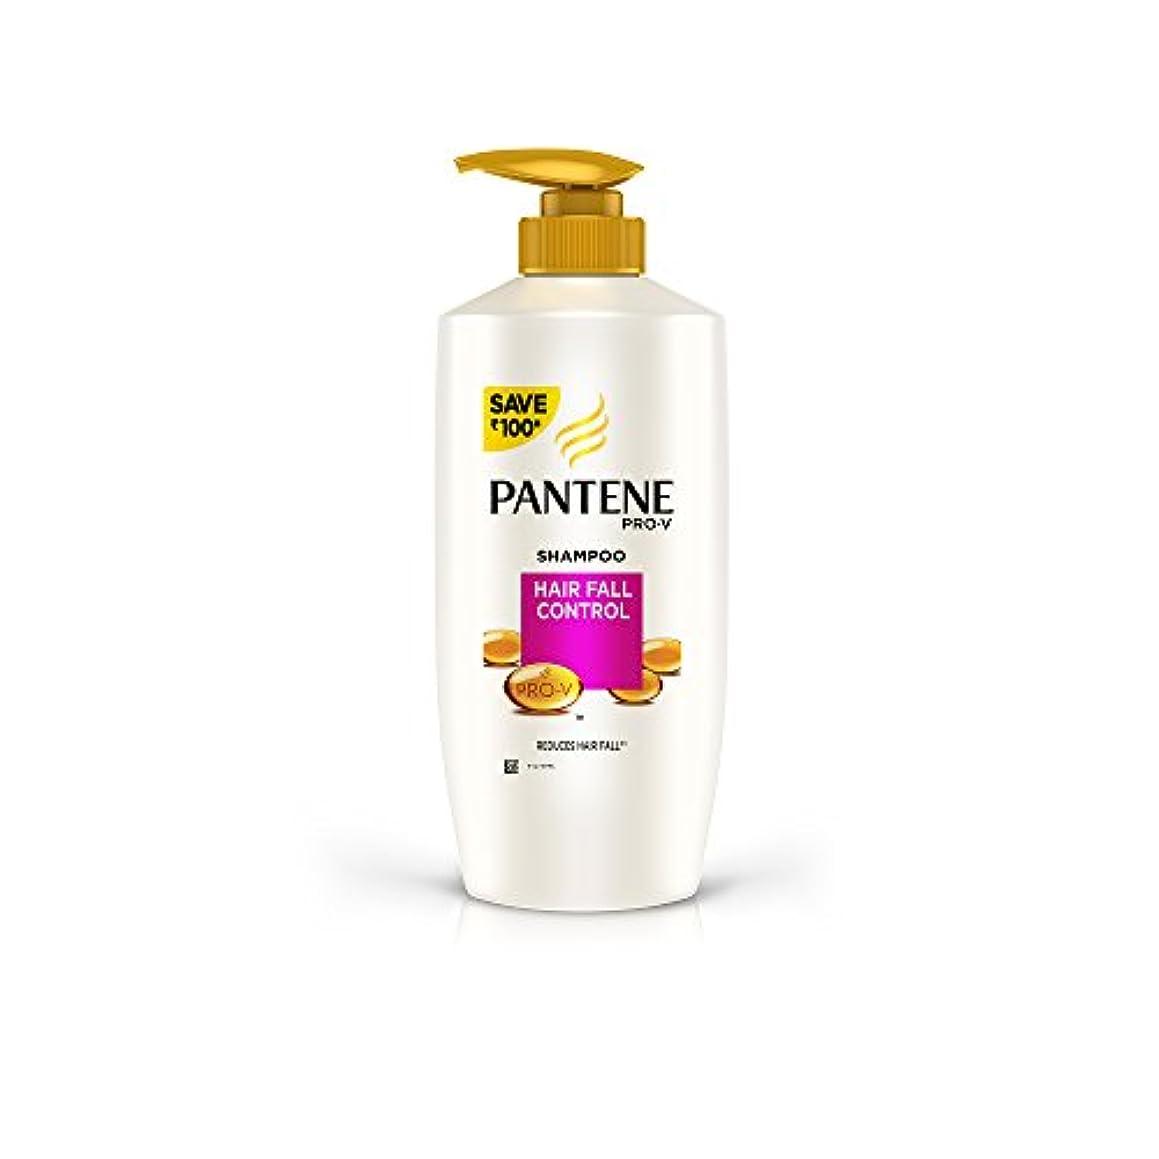 キャンベラ夜の動物園排出PANTENE Hair Fall control SHAMPOO 675 ml (PANTENEヘアフォールコントロールシャンプー675ml)